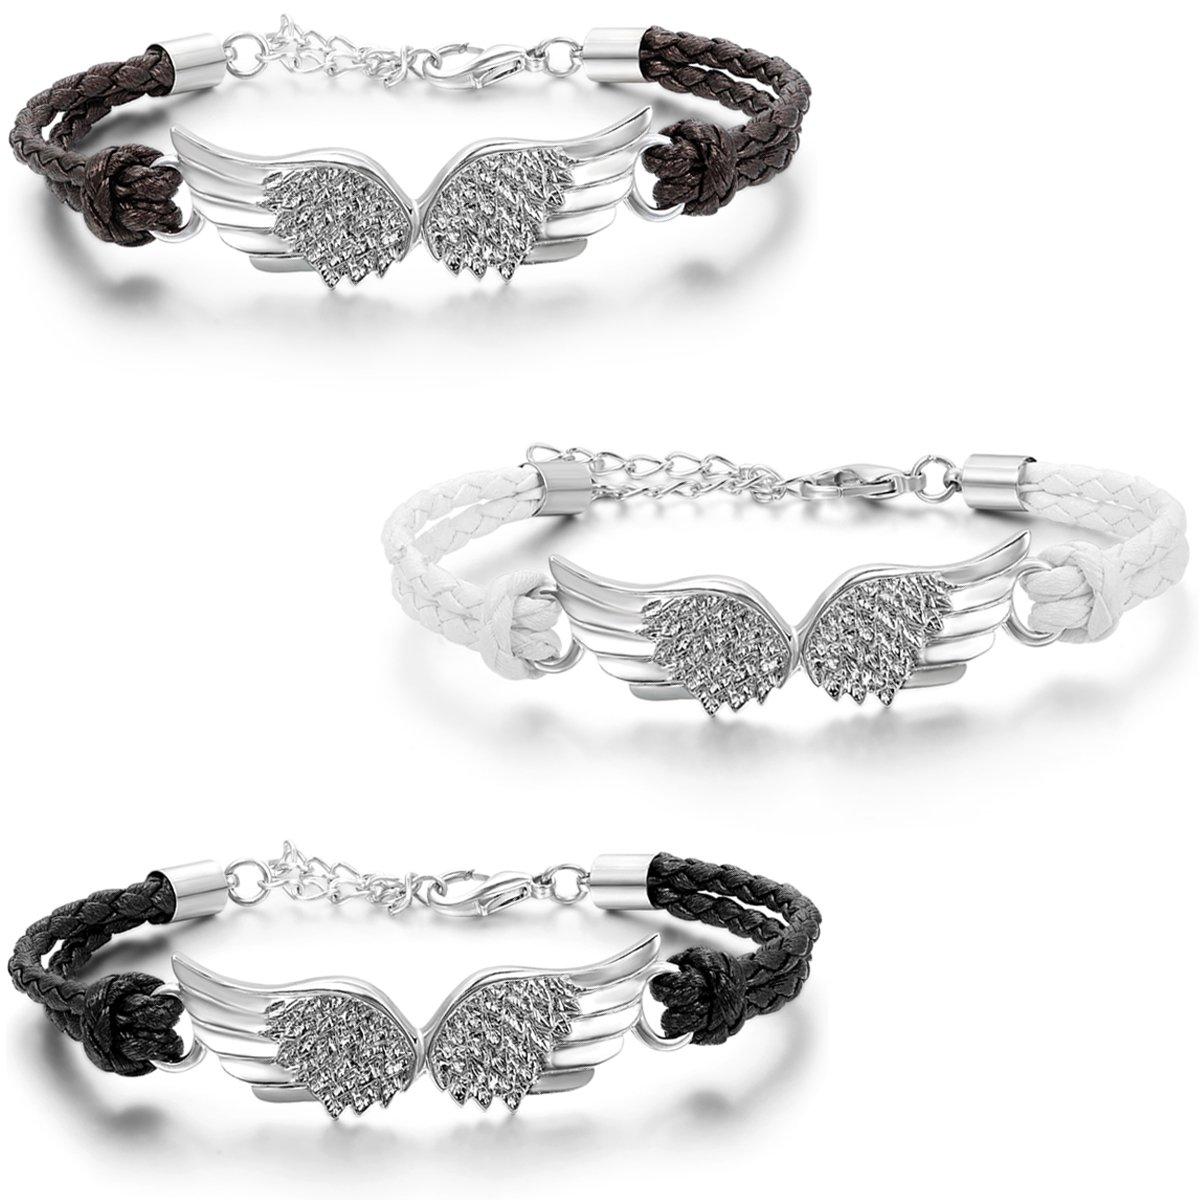 JewelryWe Schmuck 3pcs Herren Damen Armband, Ein Paar Engel Flügeln Charm Verstellbaren Größen Armreif, Leder Legierung, Schwarz Braun weiß Silber